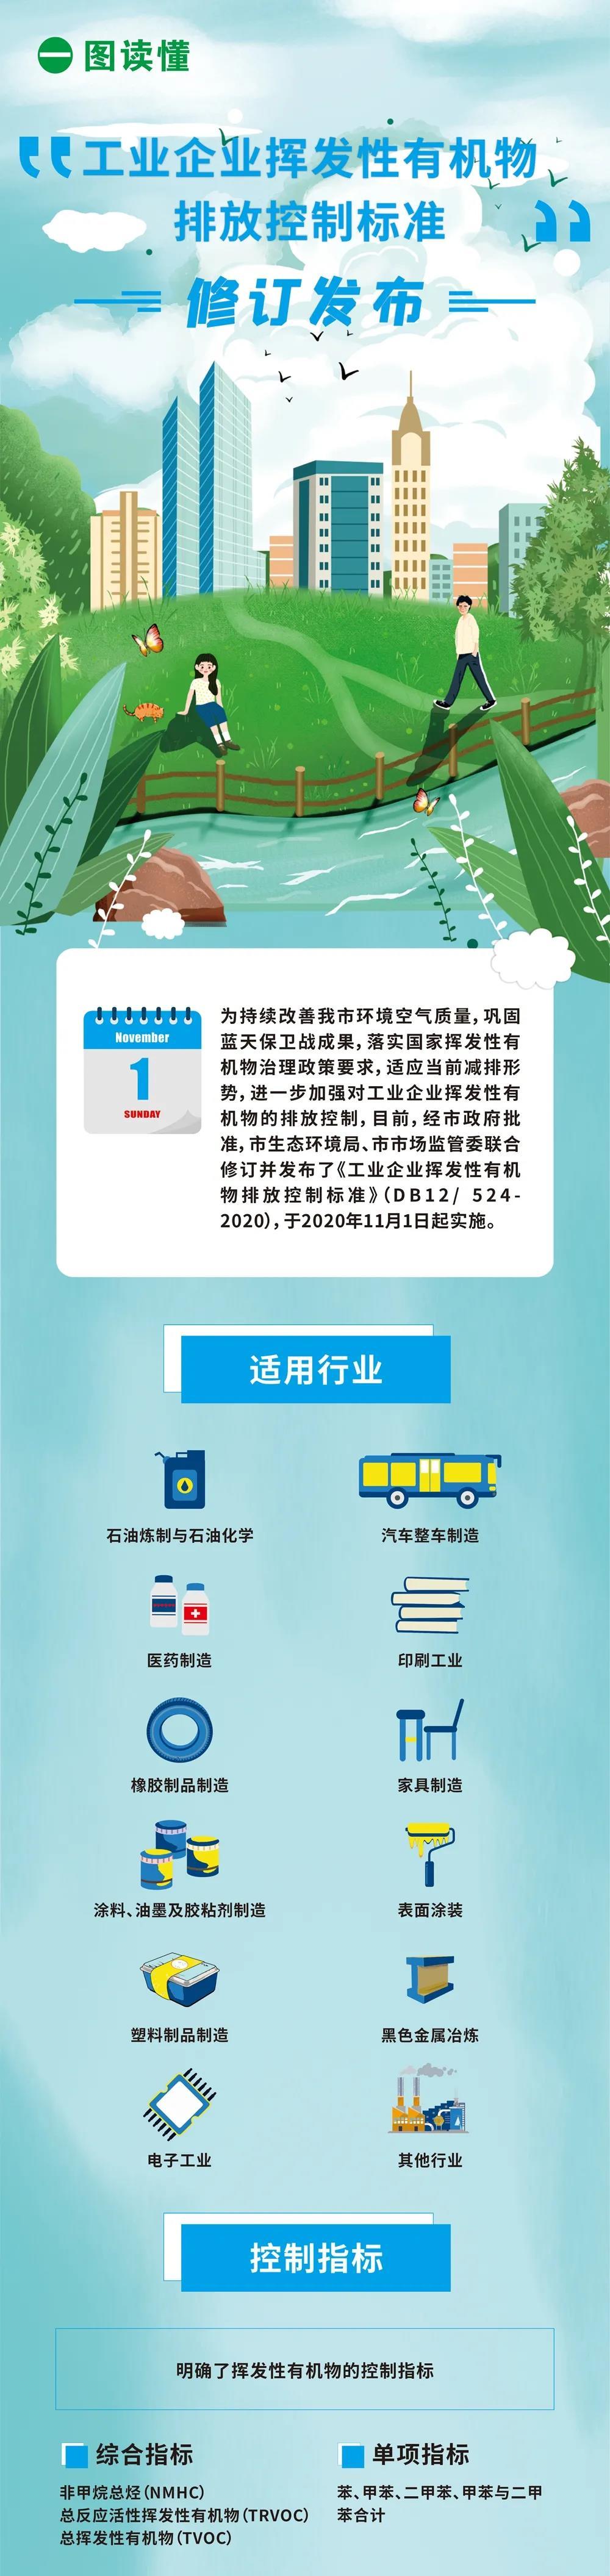 工业企业挥发性有机物排放控制标准.jpg